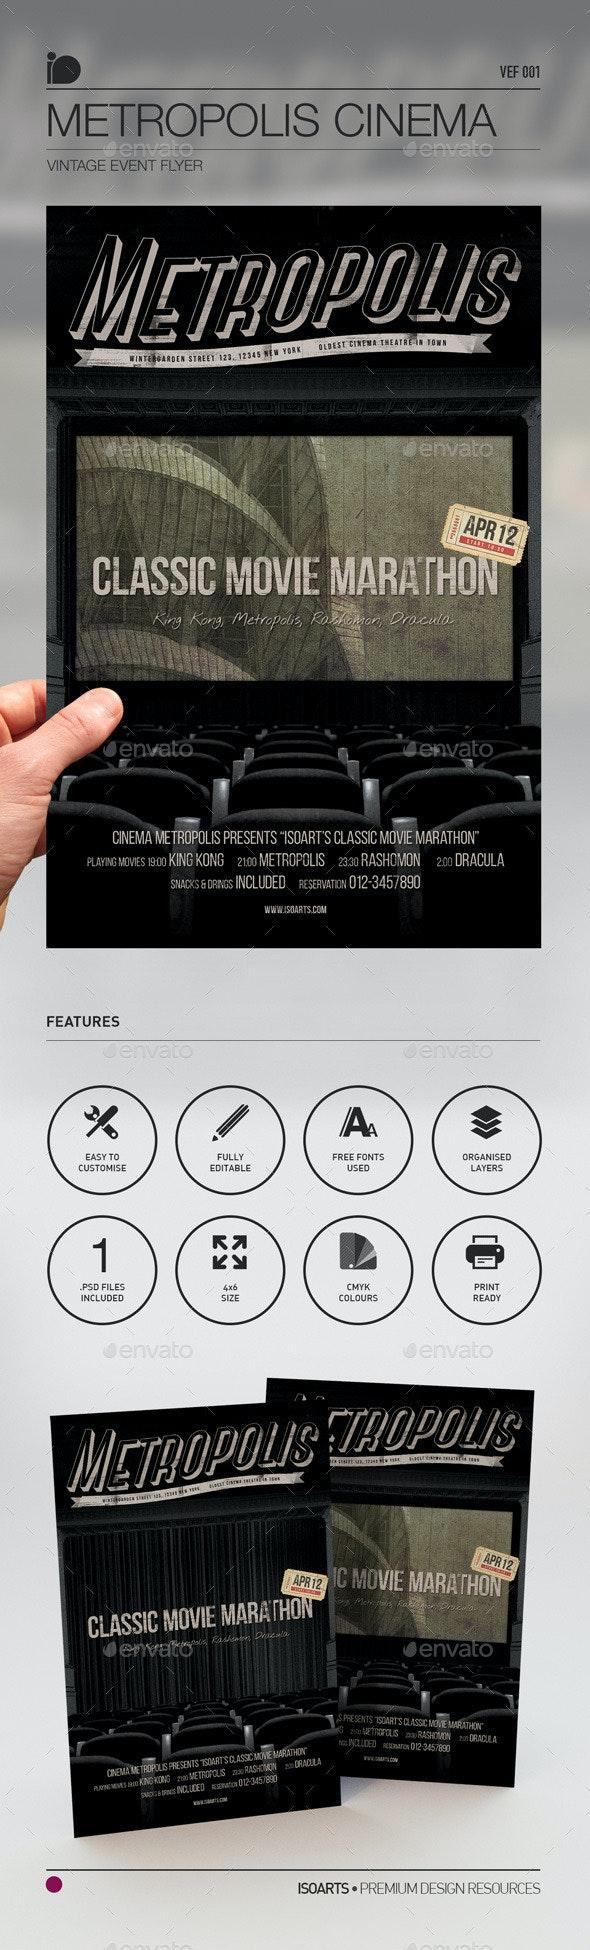 Vintage Event Flyer • Metropolis Cinema - Miscellaneous Events